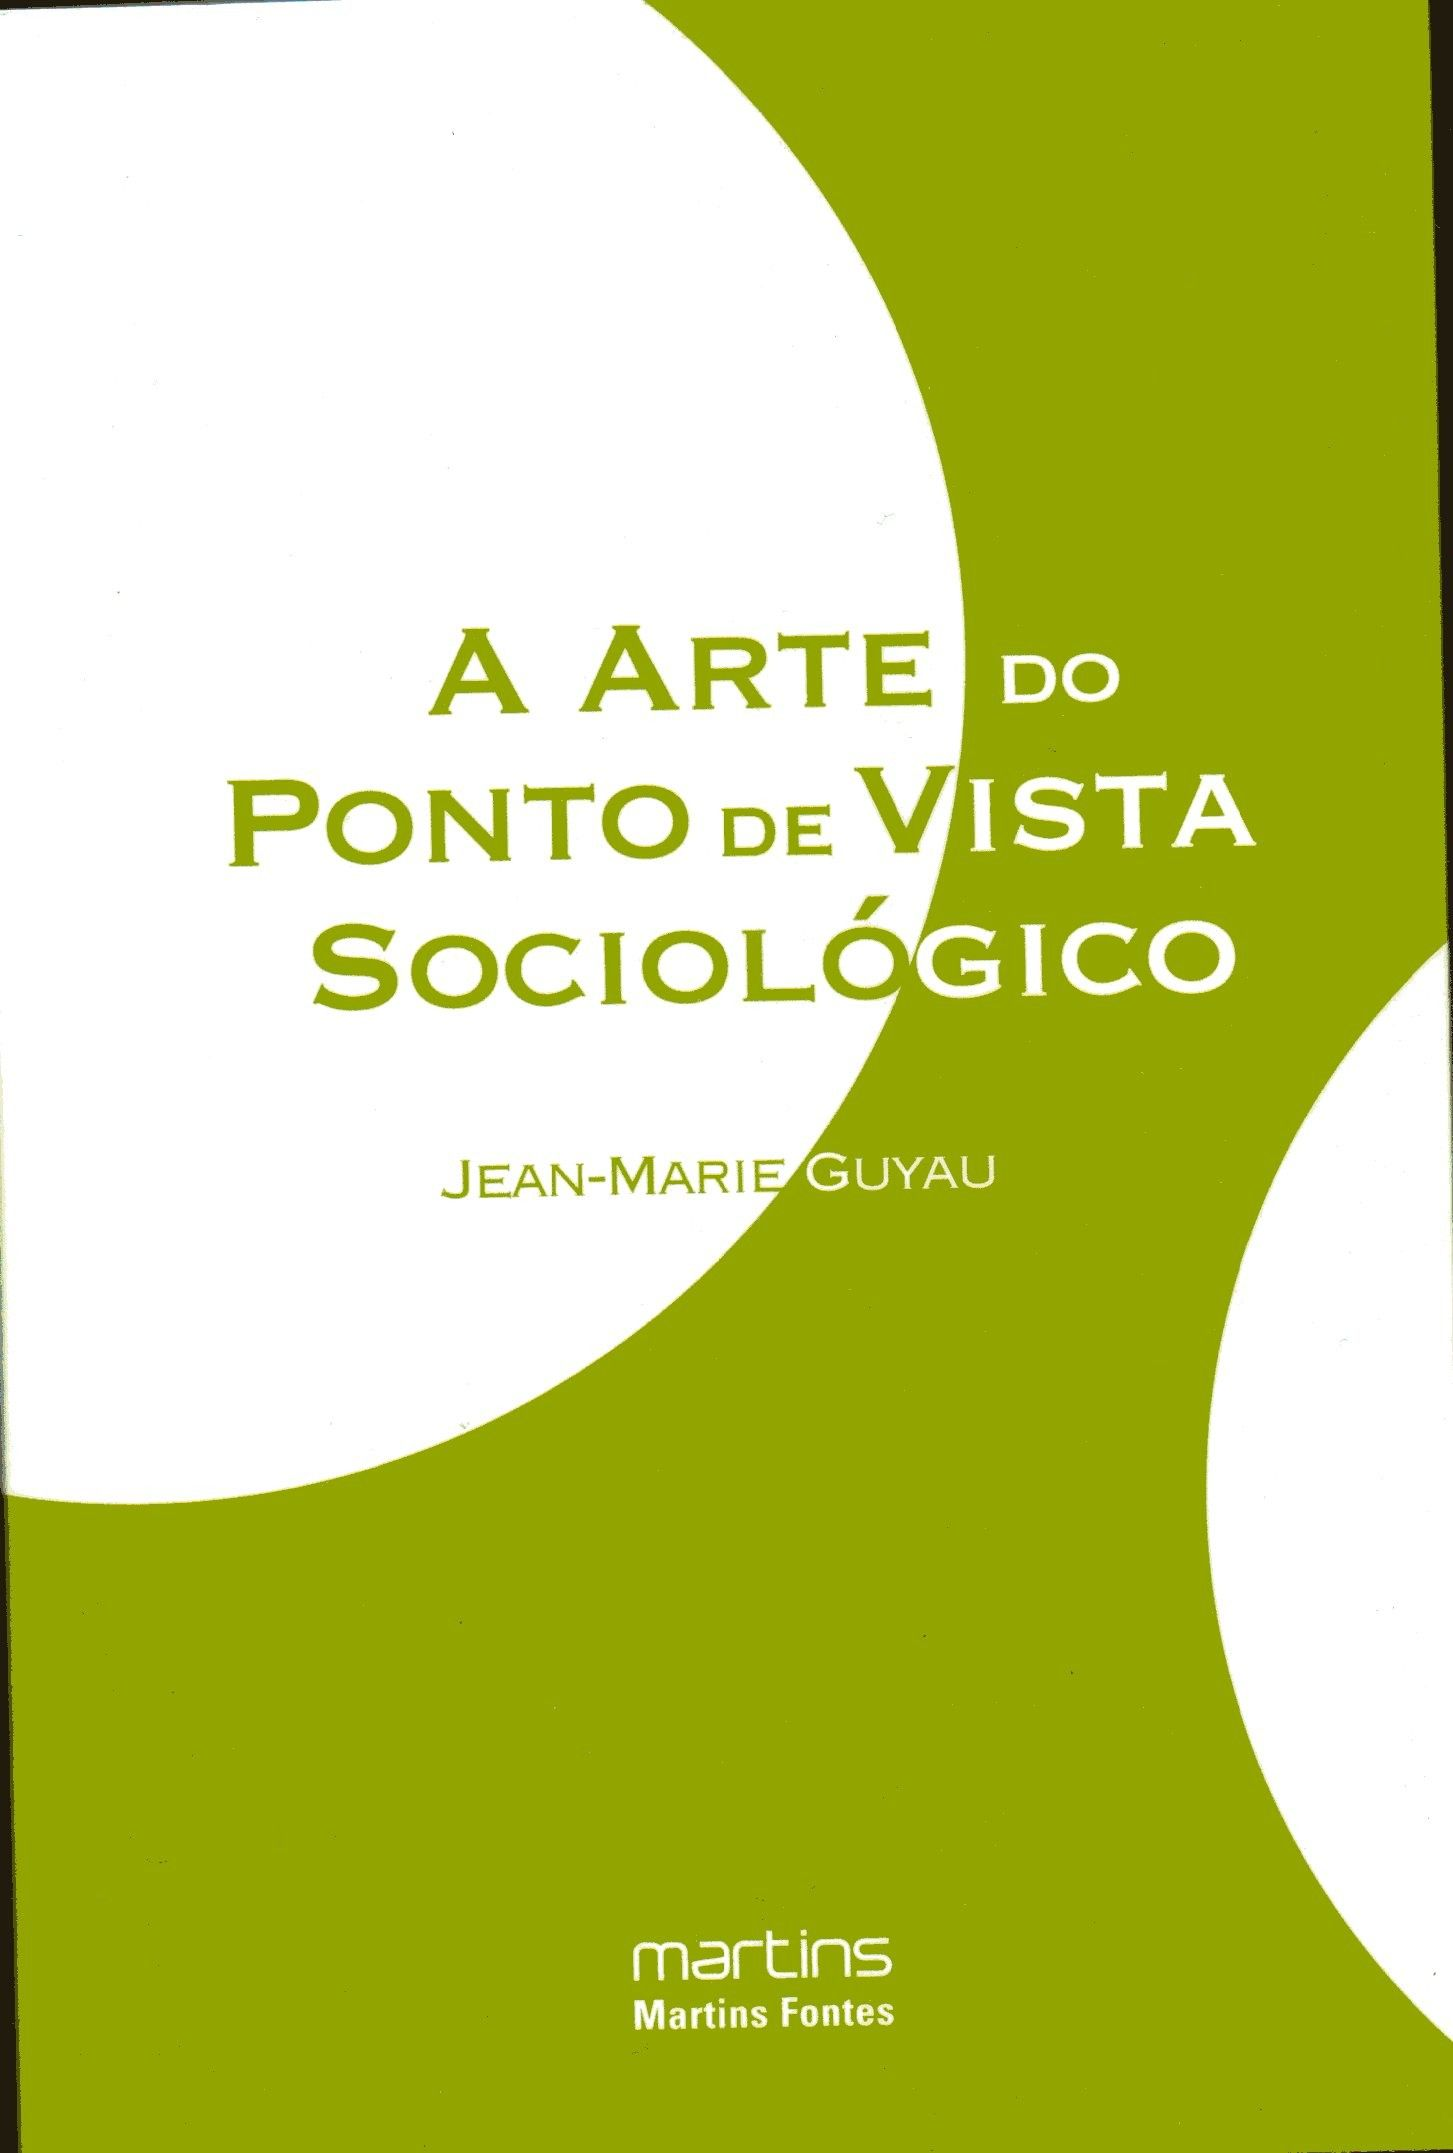 A arte do ponto de vista sociologico - Jean m.Guyau